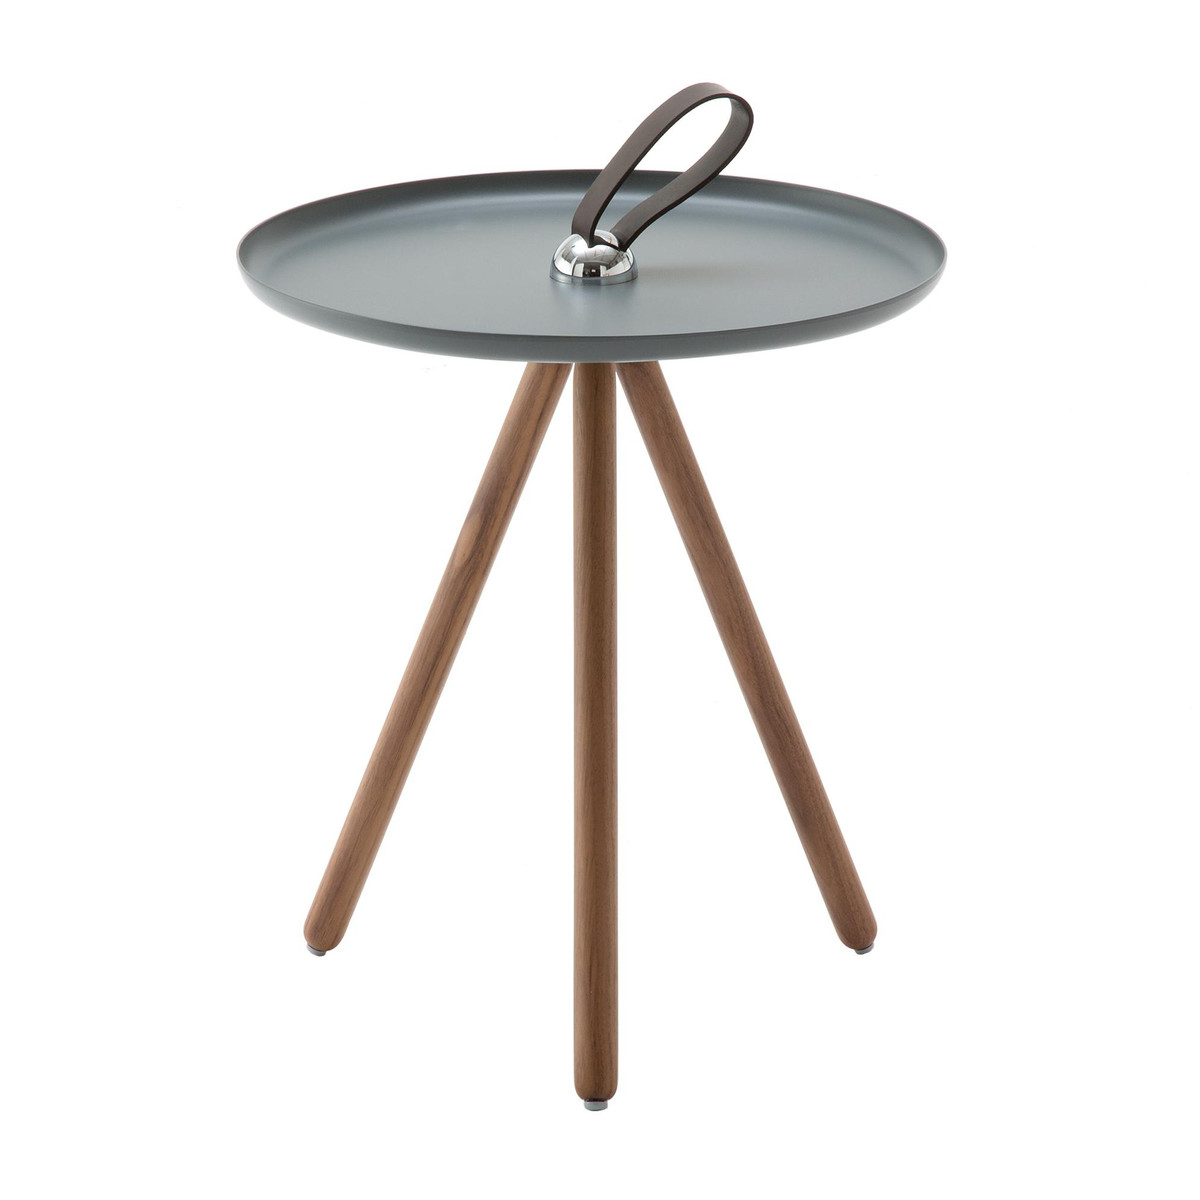 rolf benz 973 side table rolf benz. Black Bedroom Furniture Sets. Home Design Ideas